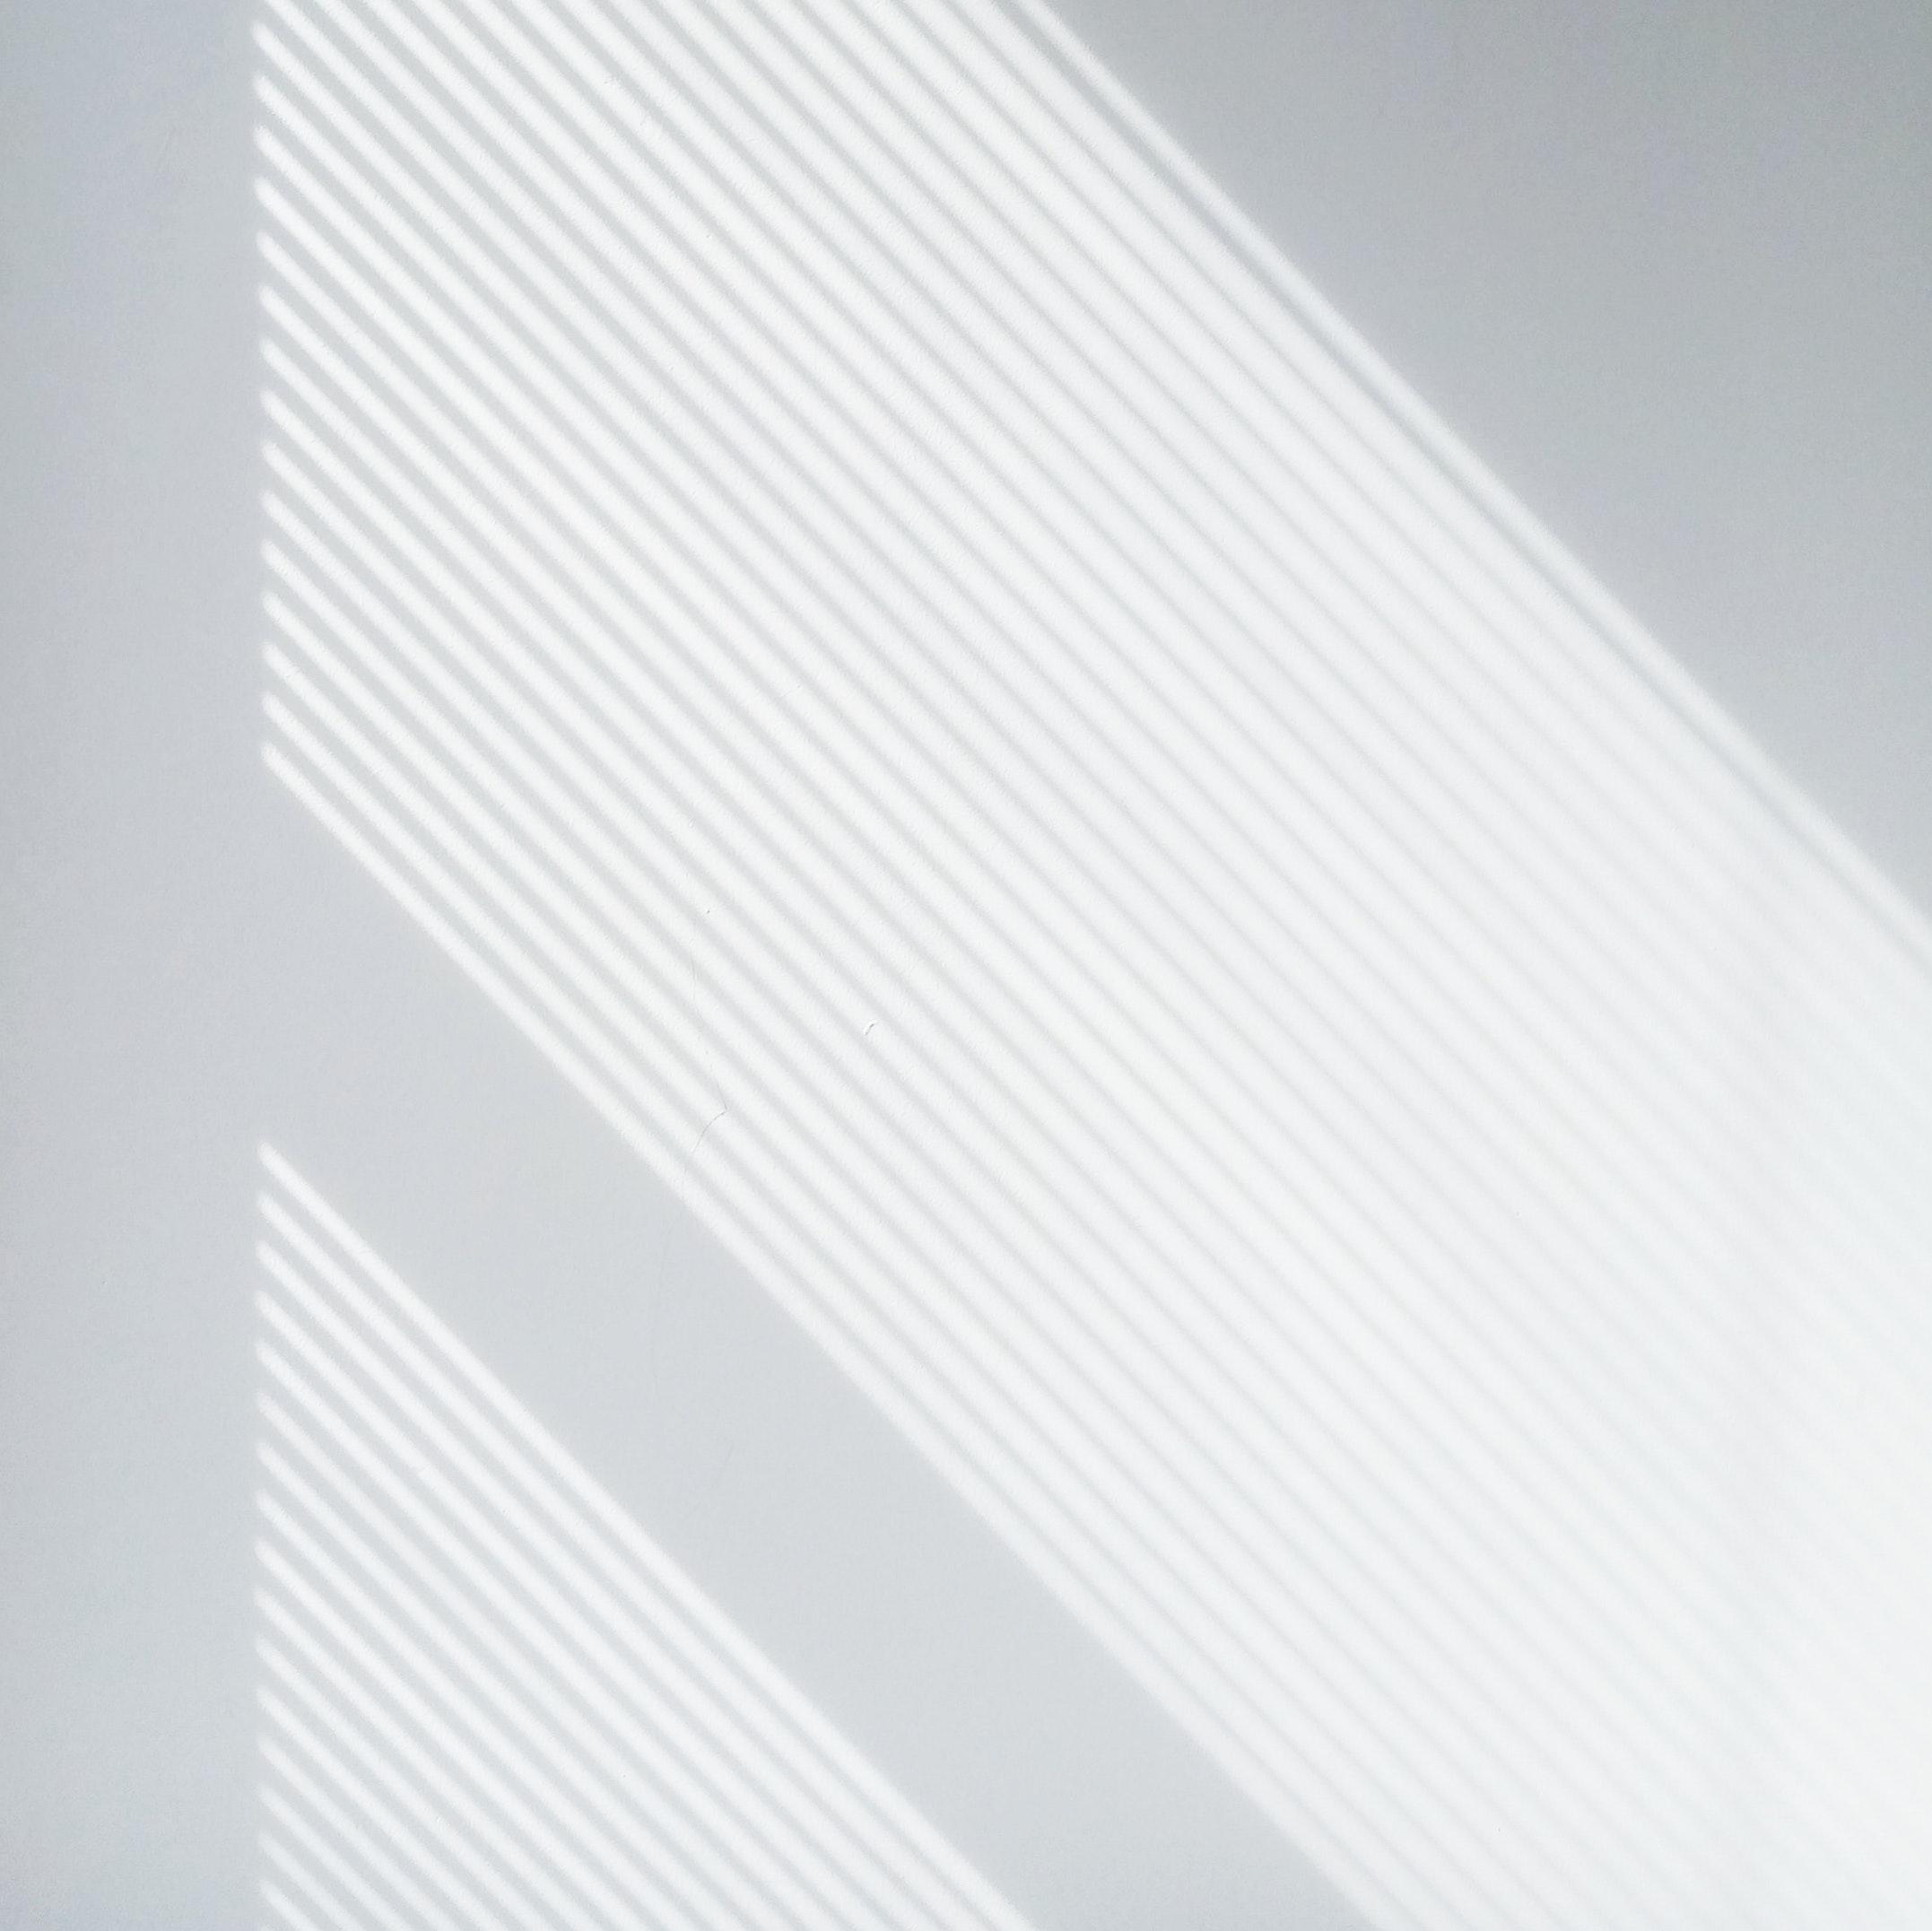 Background màu trắng trong sáng